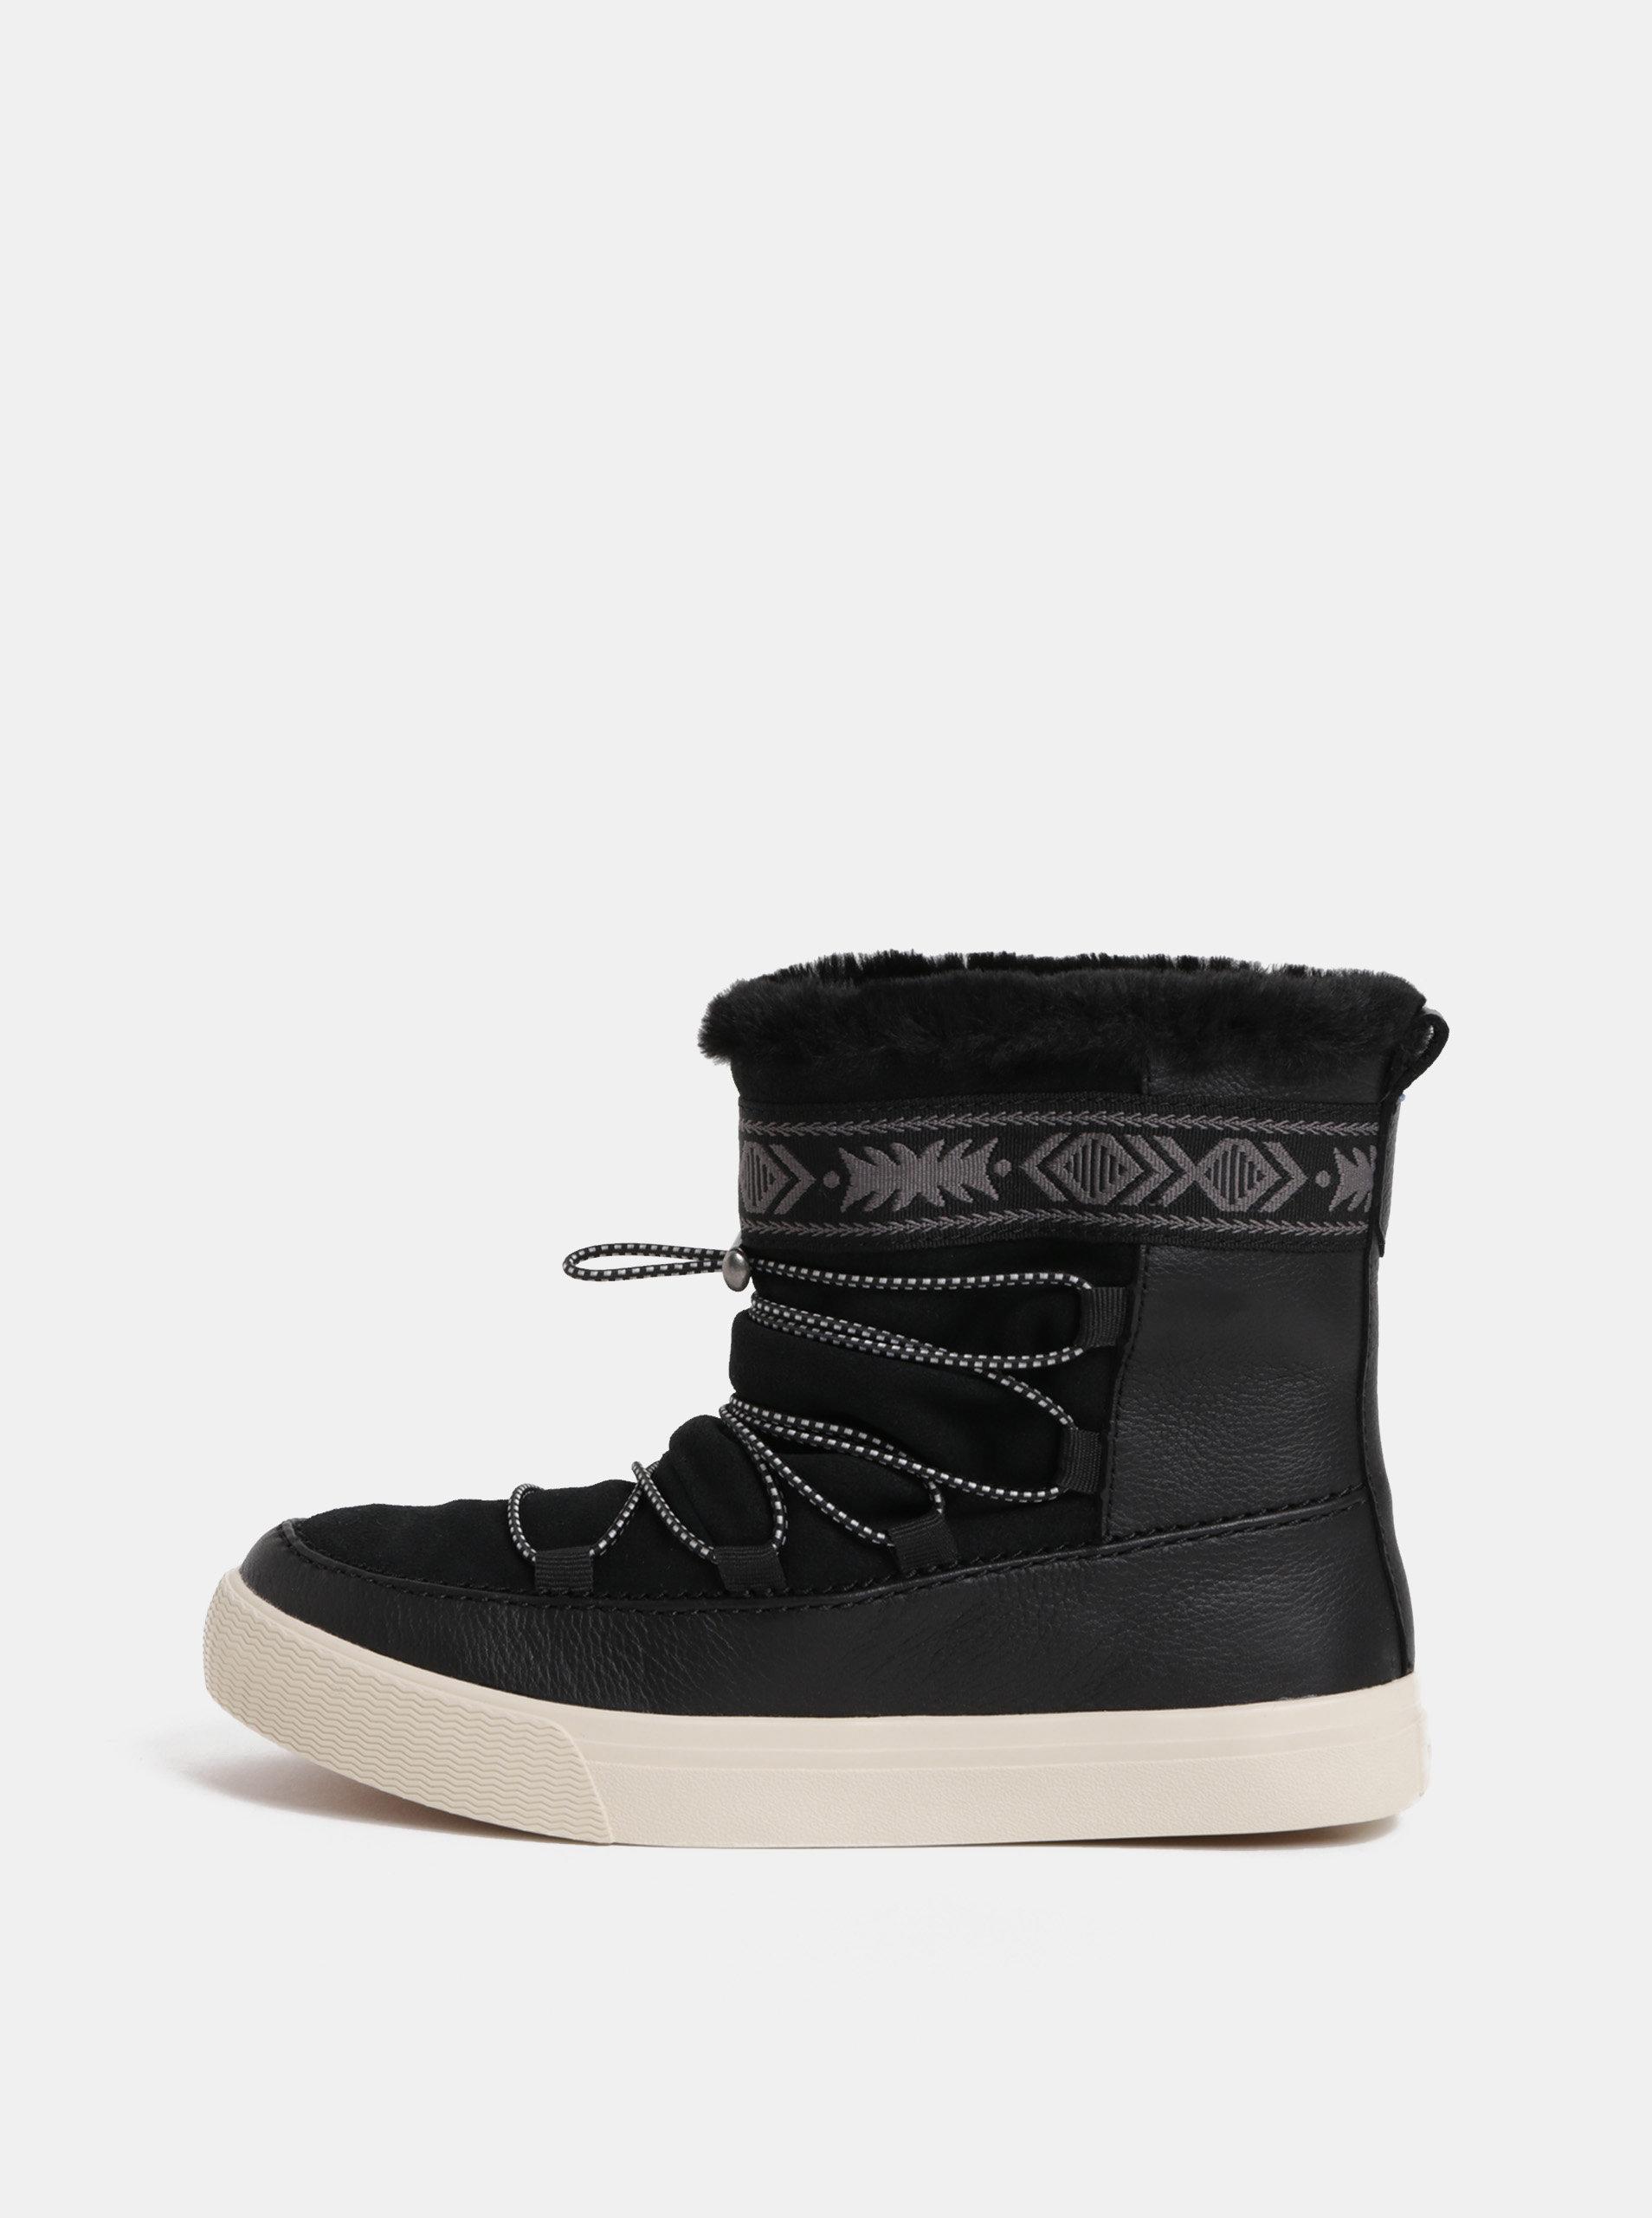 a1d754bd0ce Černé dámské kožené zimní kotníkové boty TOMS Alpine ...